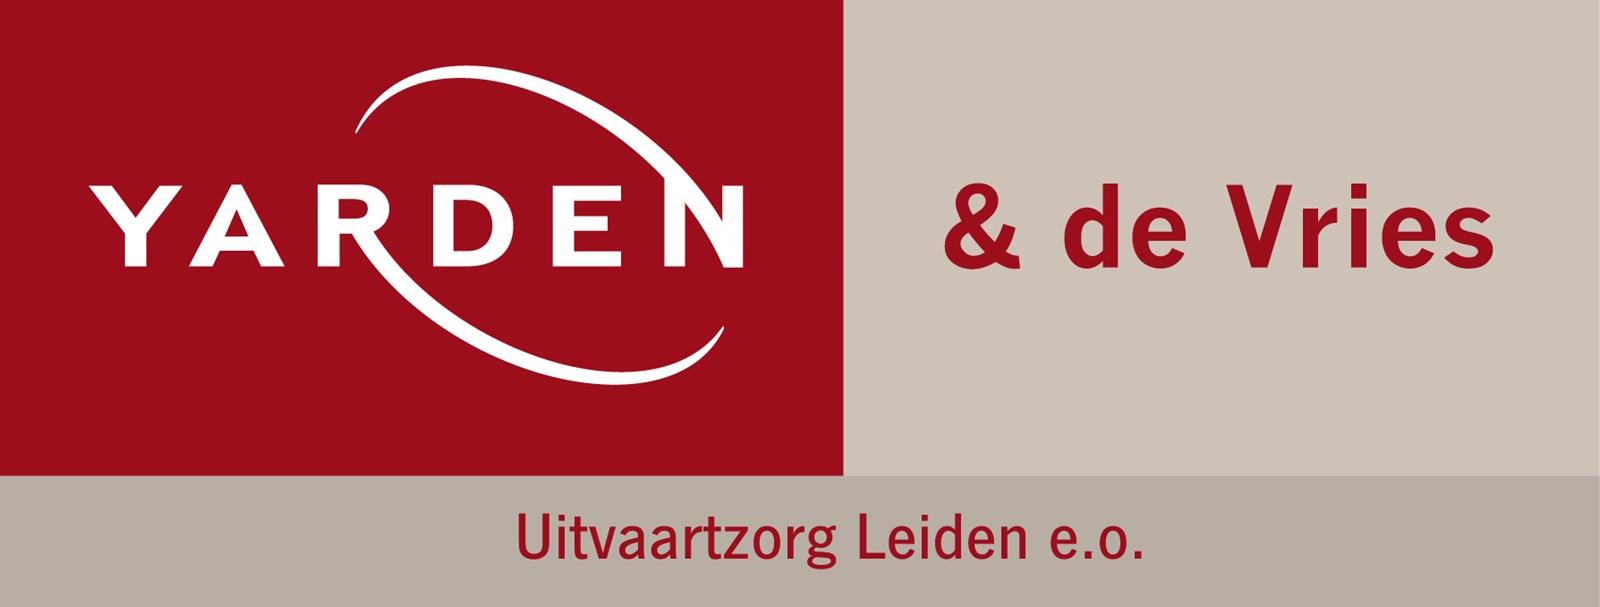 Logo van Yarden & De Vries Uitvaartzorg Leiden